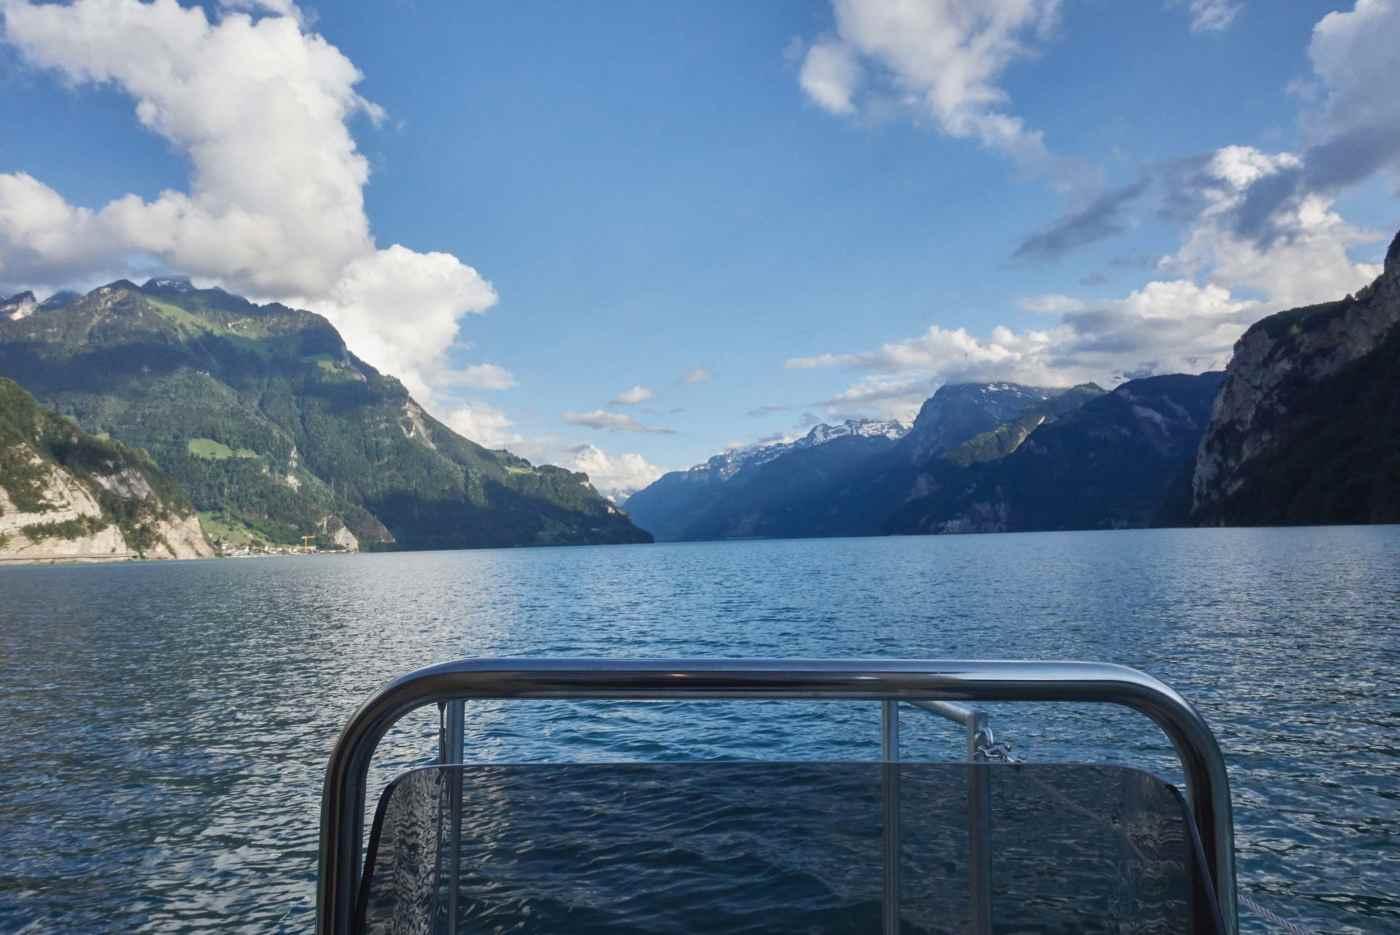 Saunaboot Snack - das Sauna Erlebnis inklusive Apero in Luzern mitten auf dem Vierwaldstättersee